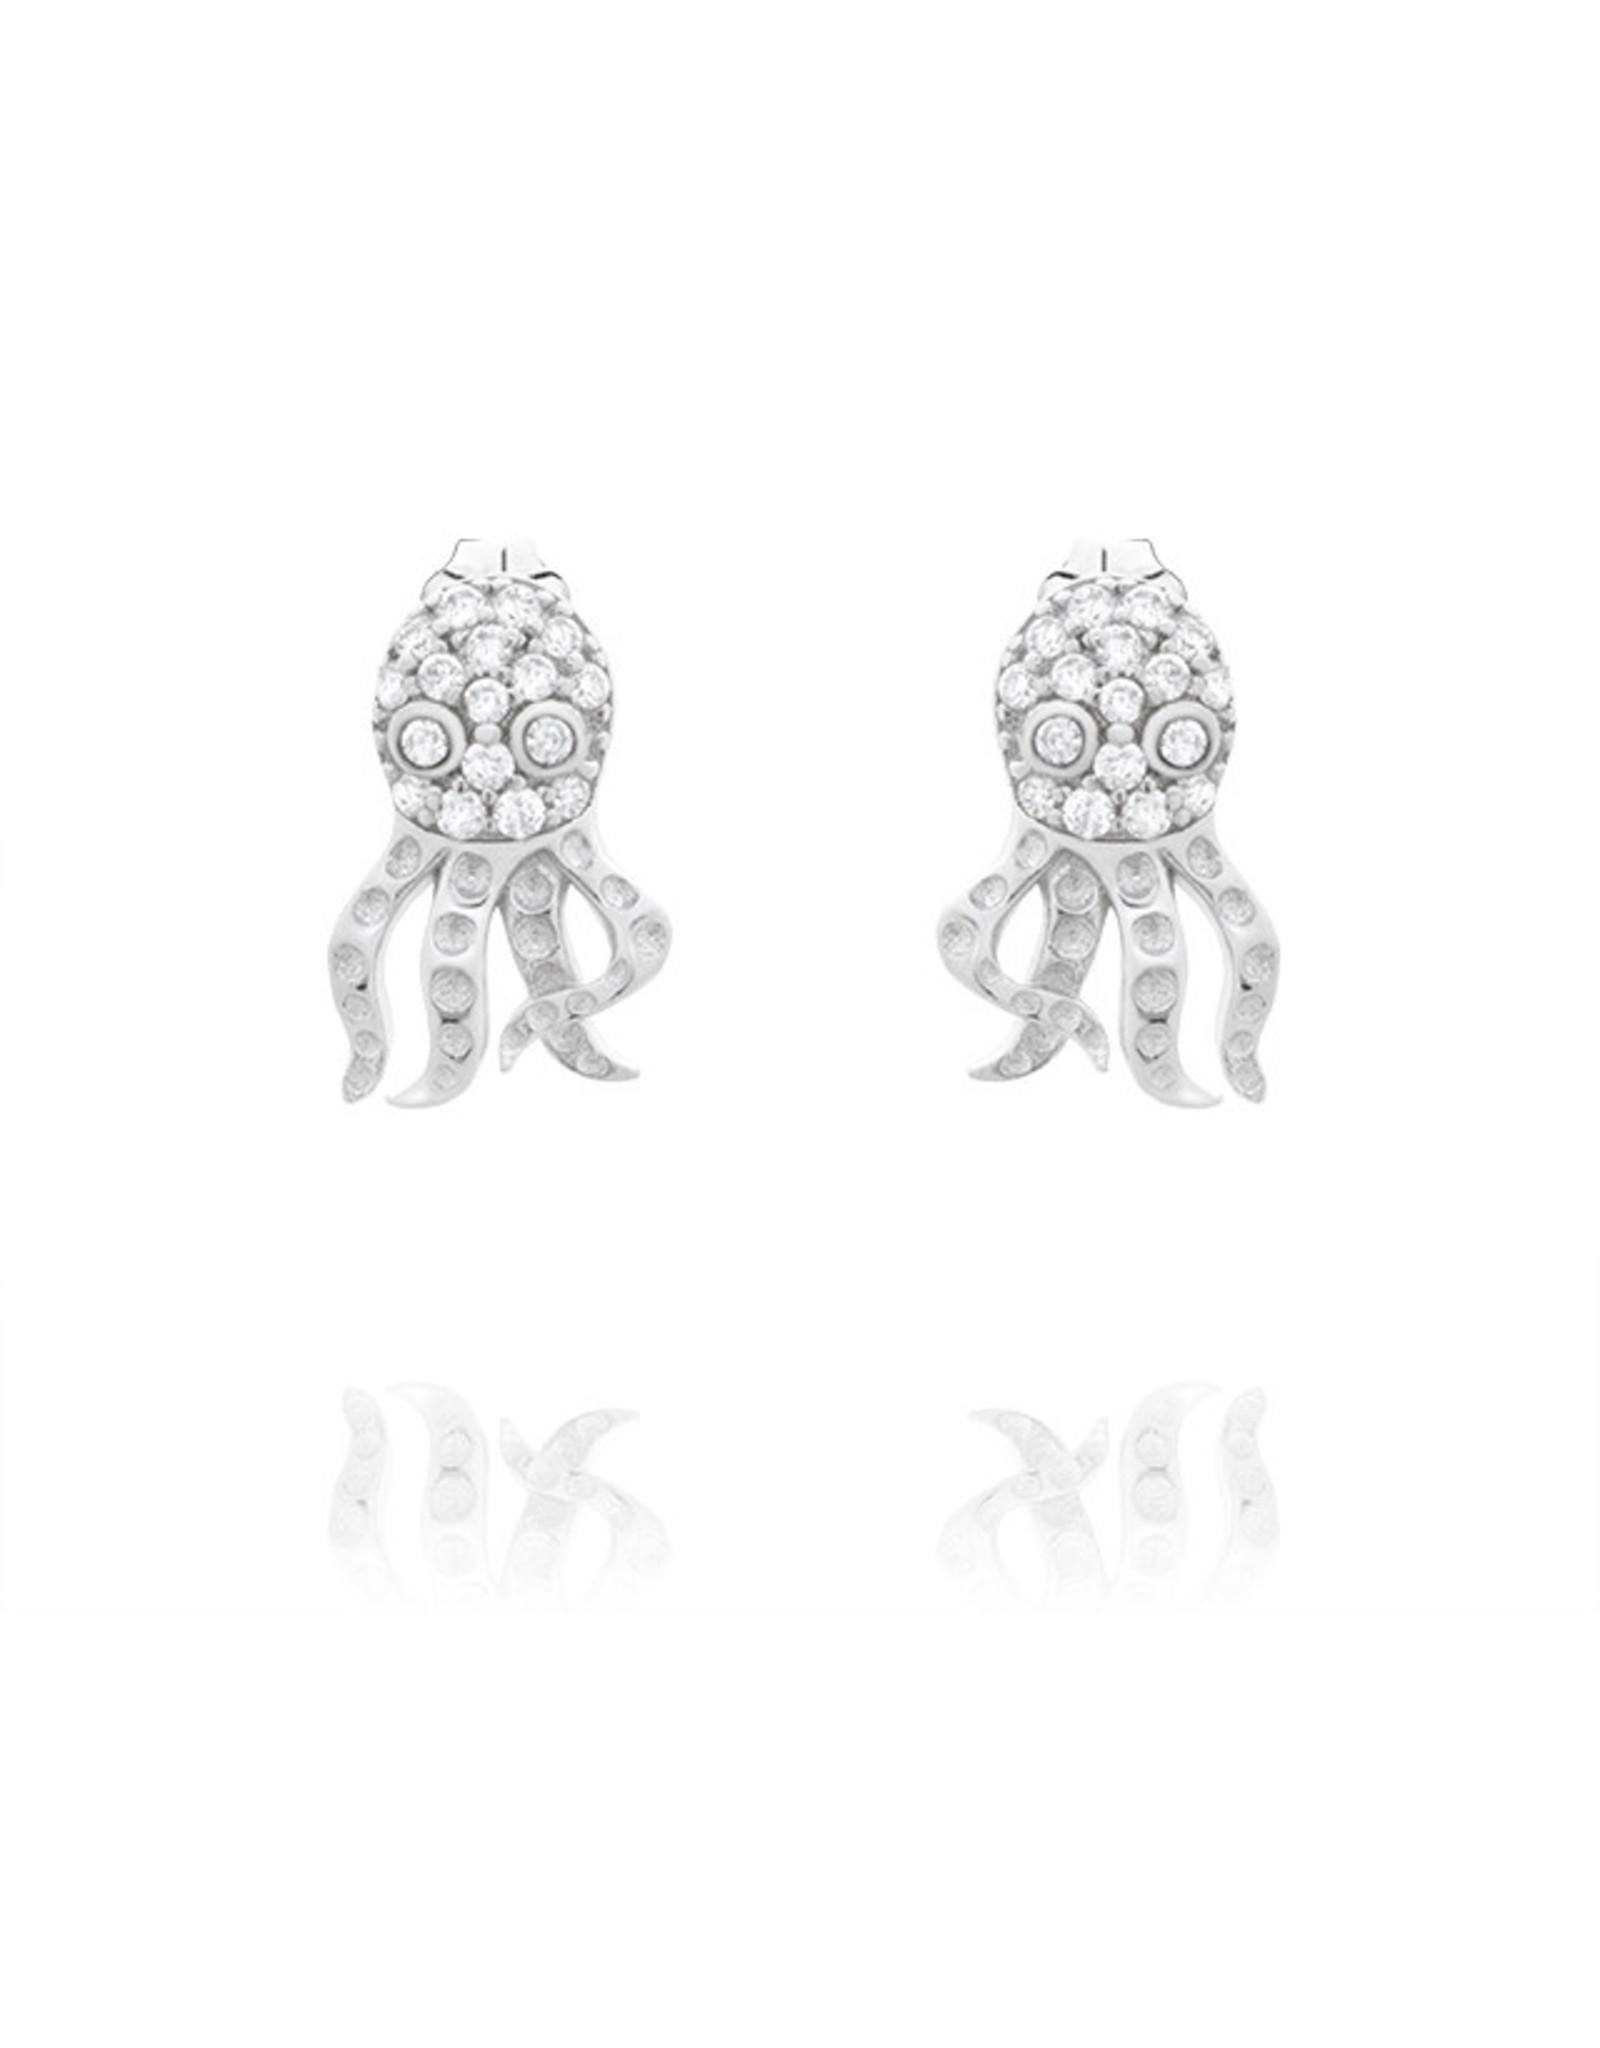 CZ Octopus Earrings